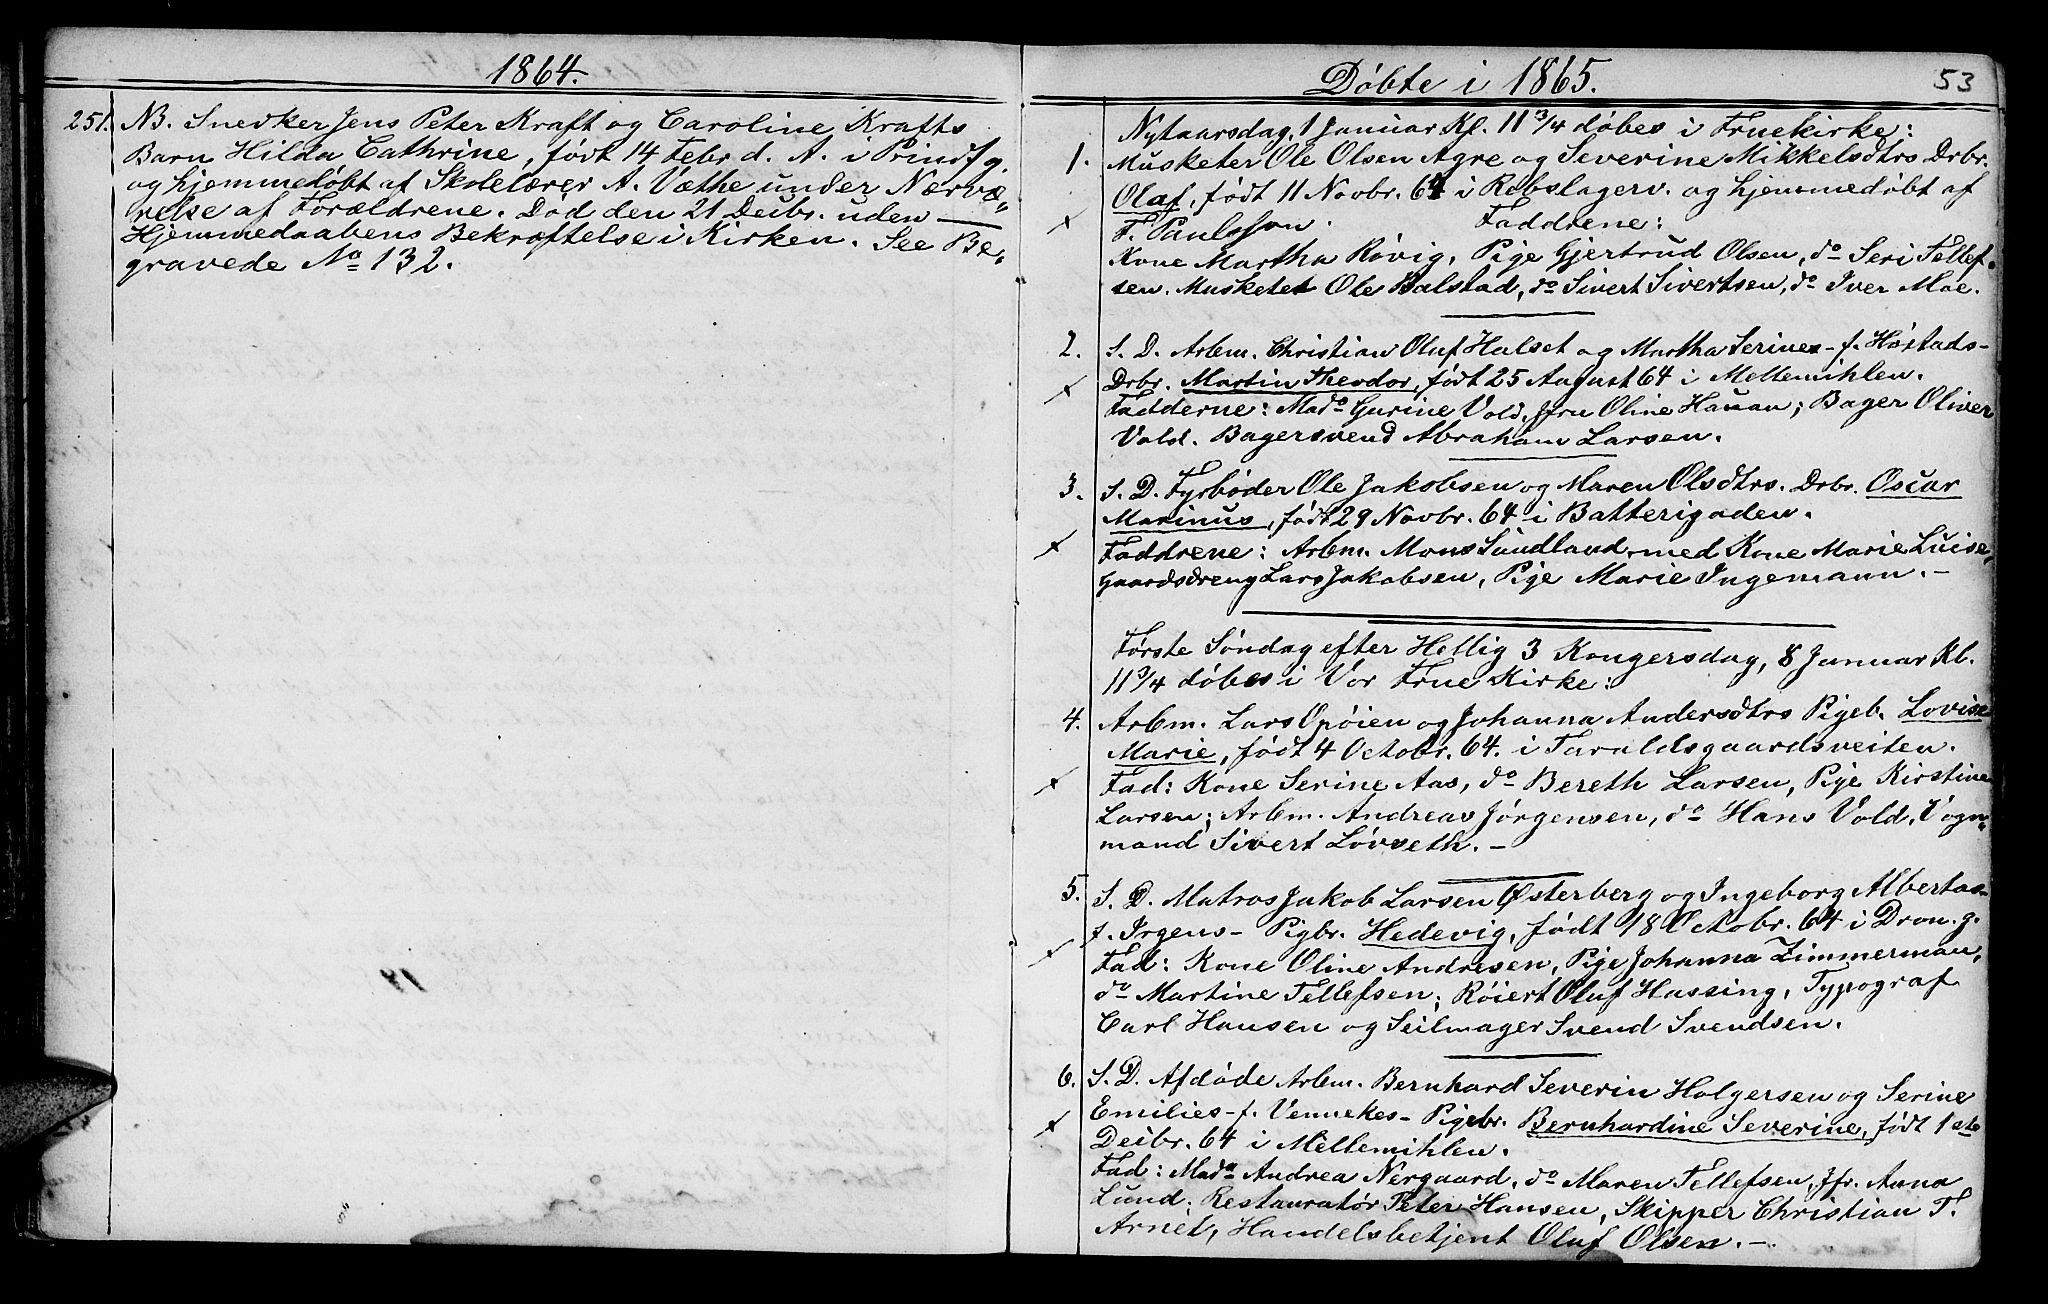 SAT, Ministerialprotokoller, klokkerbøker og fødselsregistre - Sør-Trøndelag, 602/L0140: Klokkerbok nr. 602C08, 1864-1872, s. 52-53